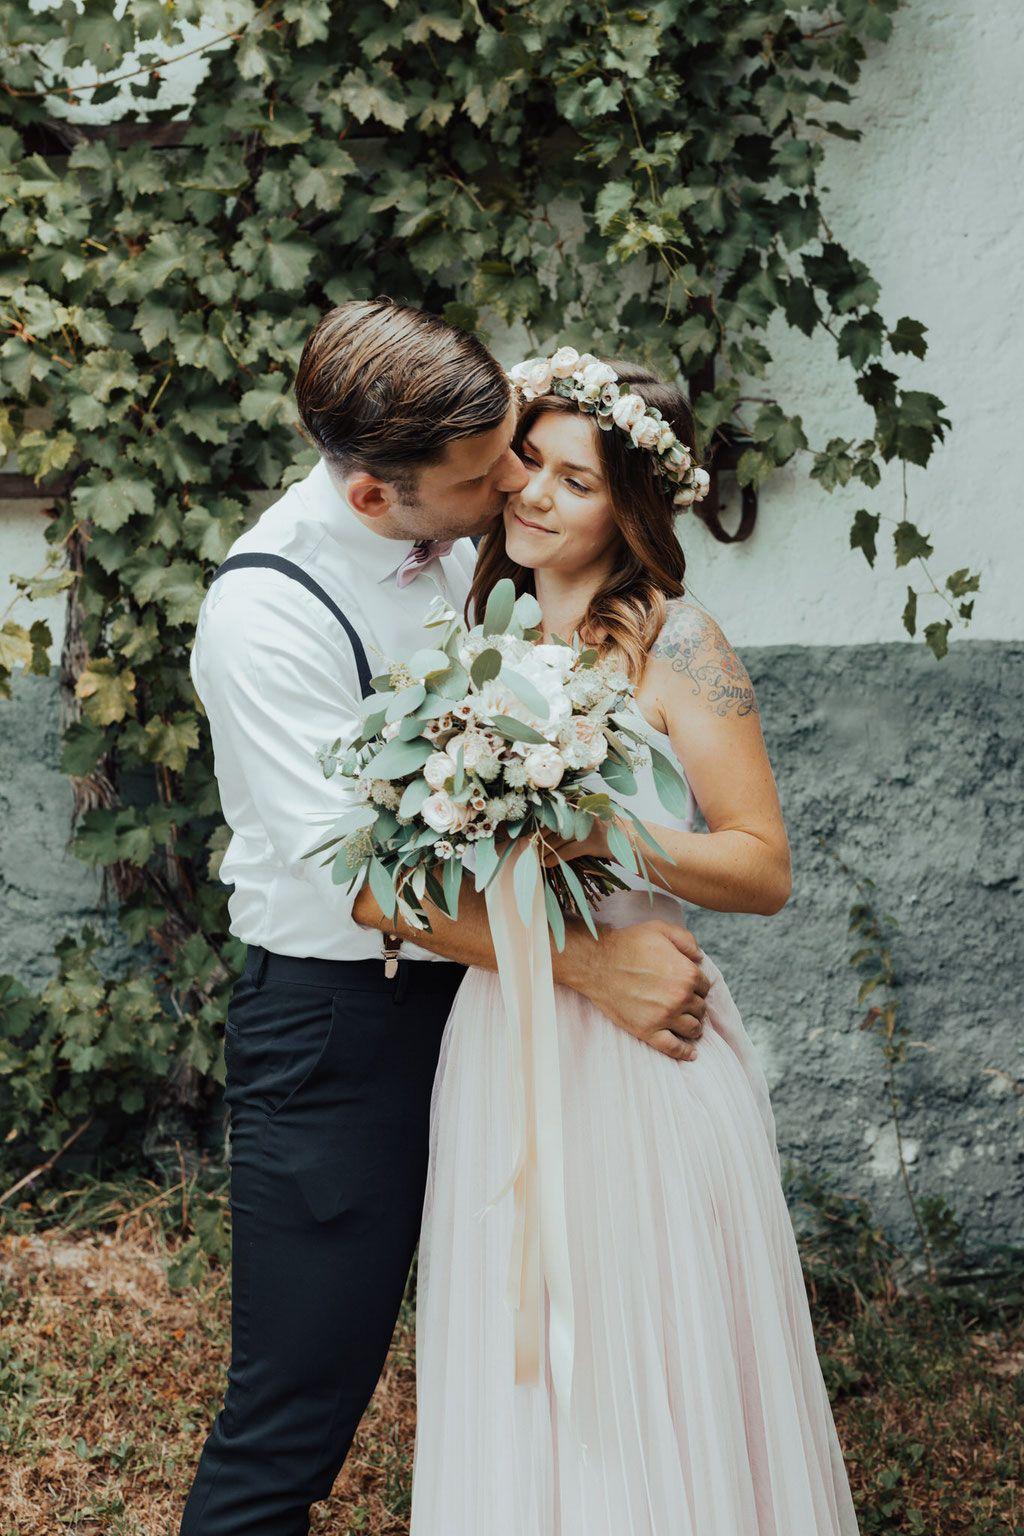 Stefanie Und Christoph 8 8 2018 Mara Pilz Fotografie Hochzeitsfotograf Hochzeitsfotografie Brautjungfern